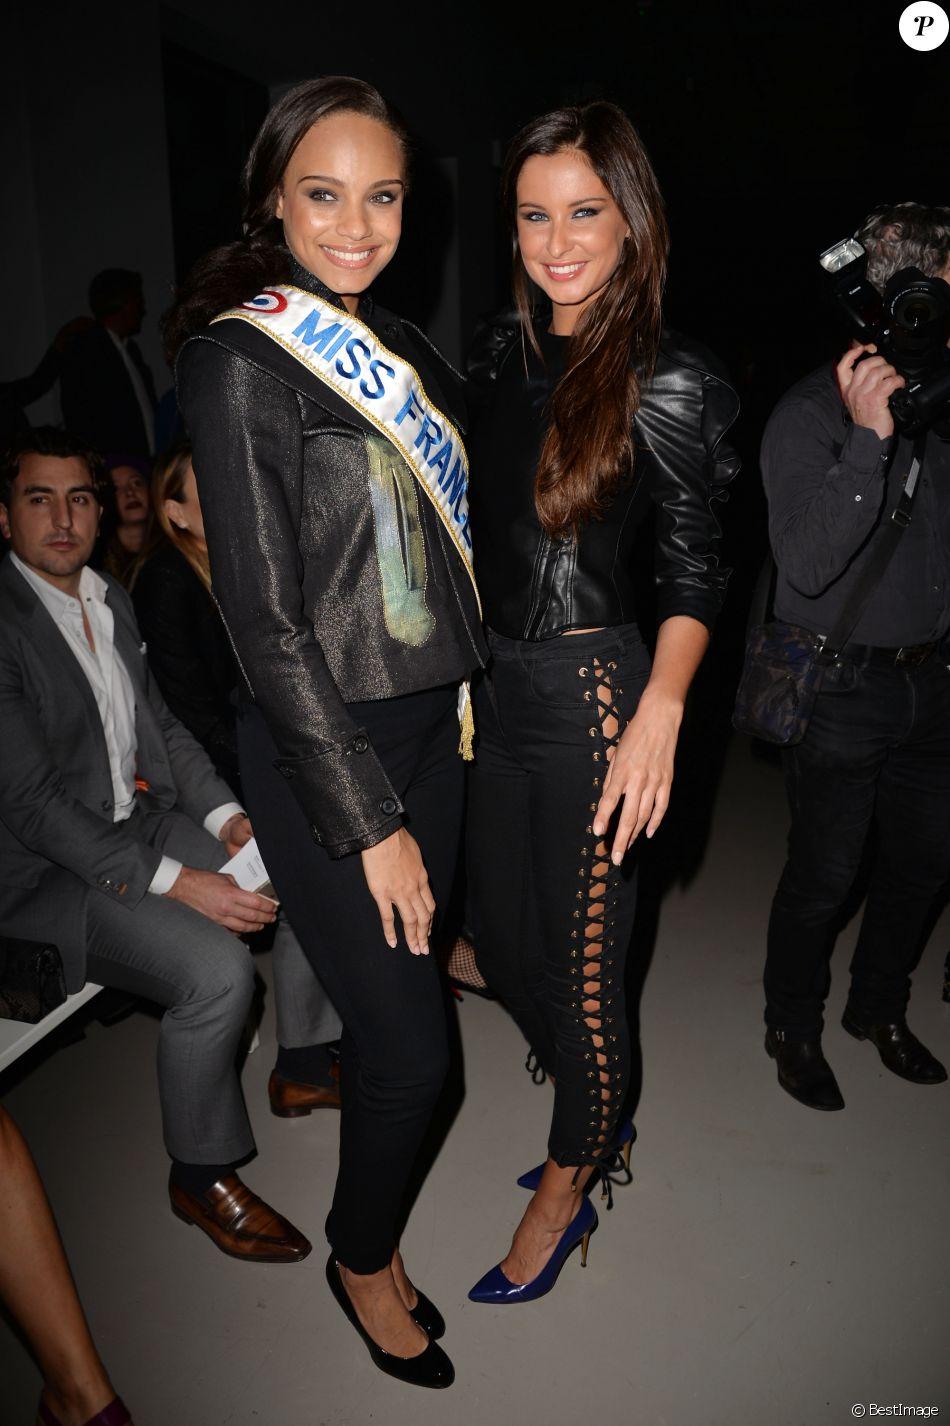 """Alicia Aylies (Miss France 2017) et Malika Ménard - Défilé """"Guy Laroche"""", collection prêt-à-porter automne-hiver 2017-2018. Paris, le 1er mars 2017."""